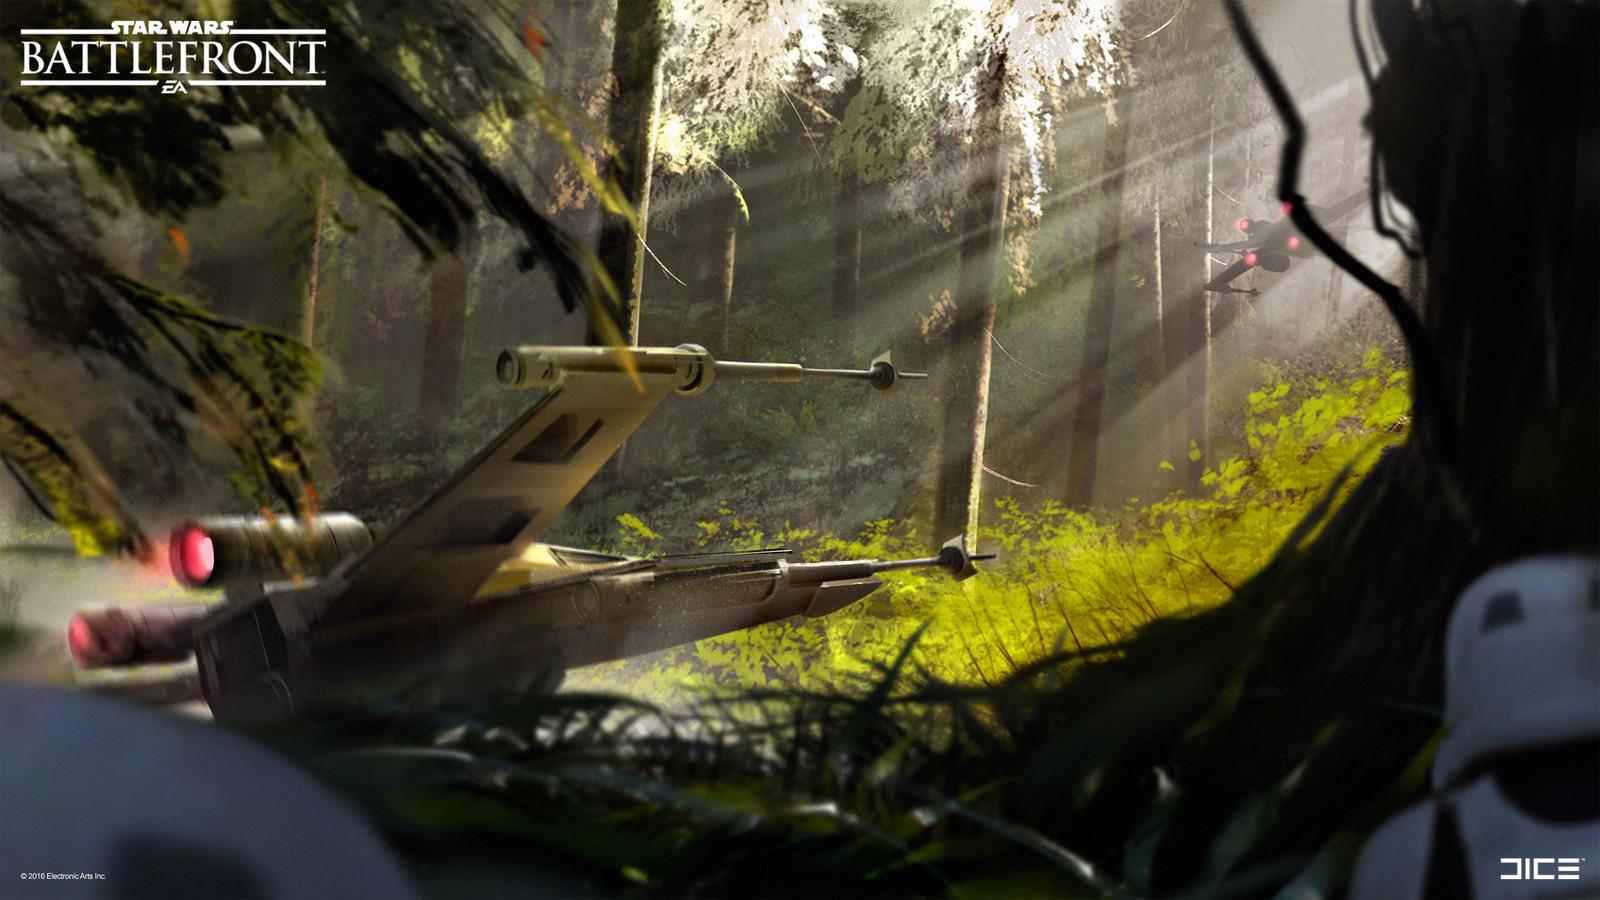 Endor exploration Concept Art for the 2015 Star Wars Battlefront game. (2013)